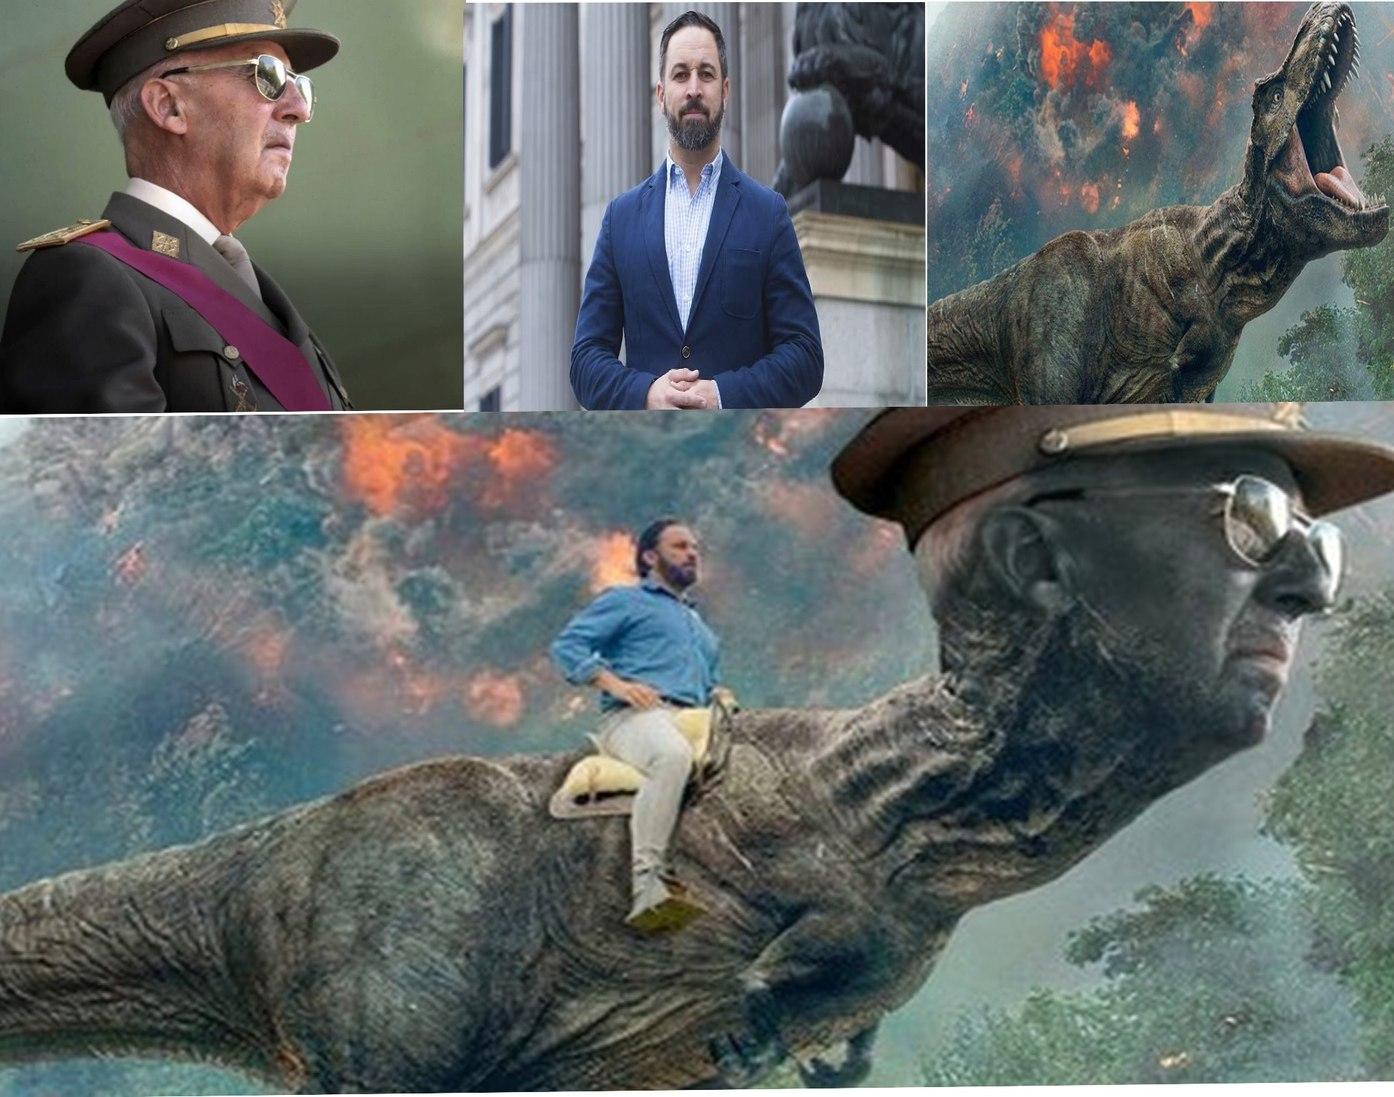 francosaurus - meme